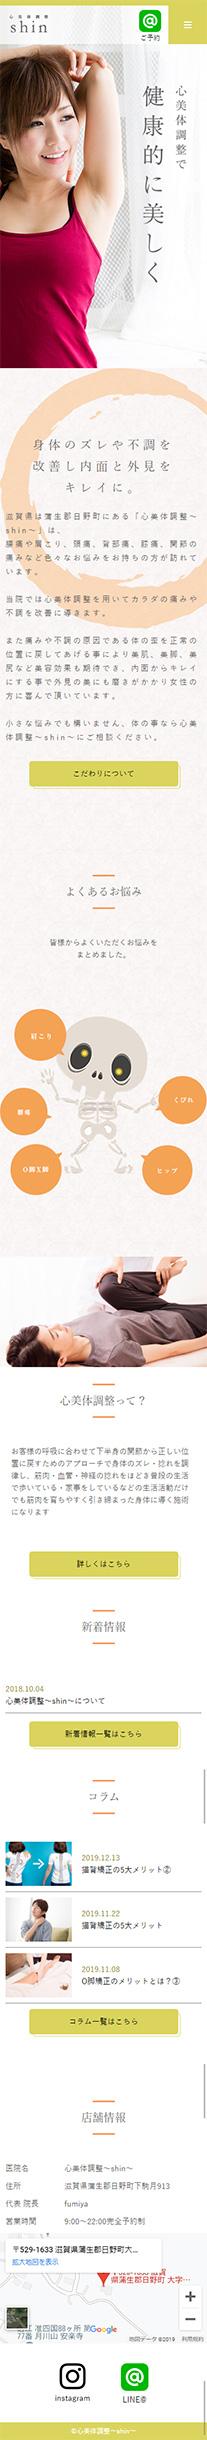 心美体調整~shin~スマホTOP画像